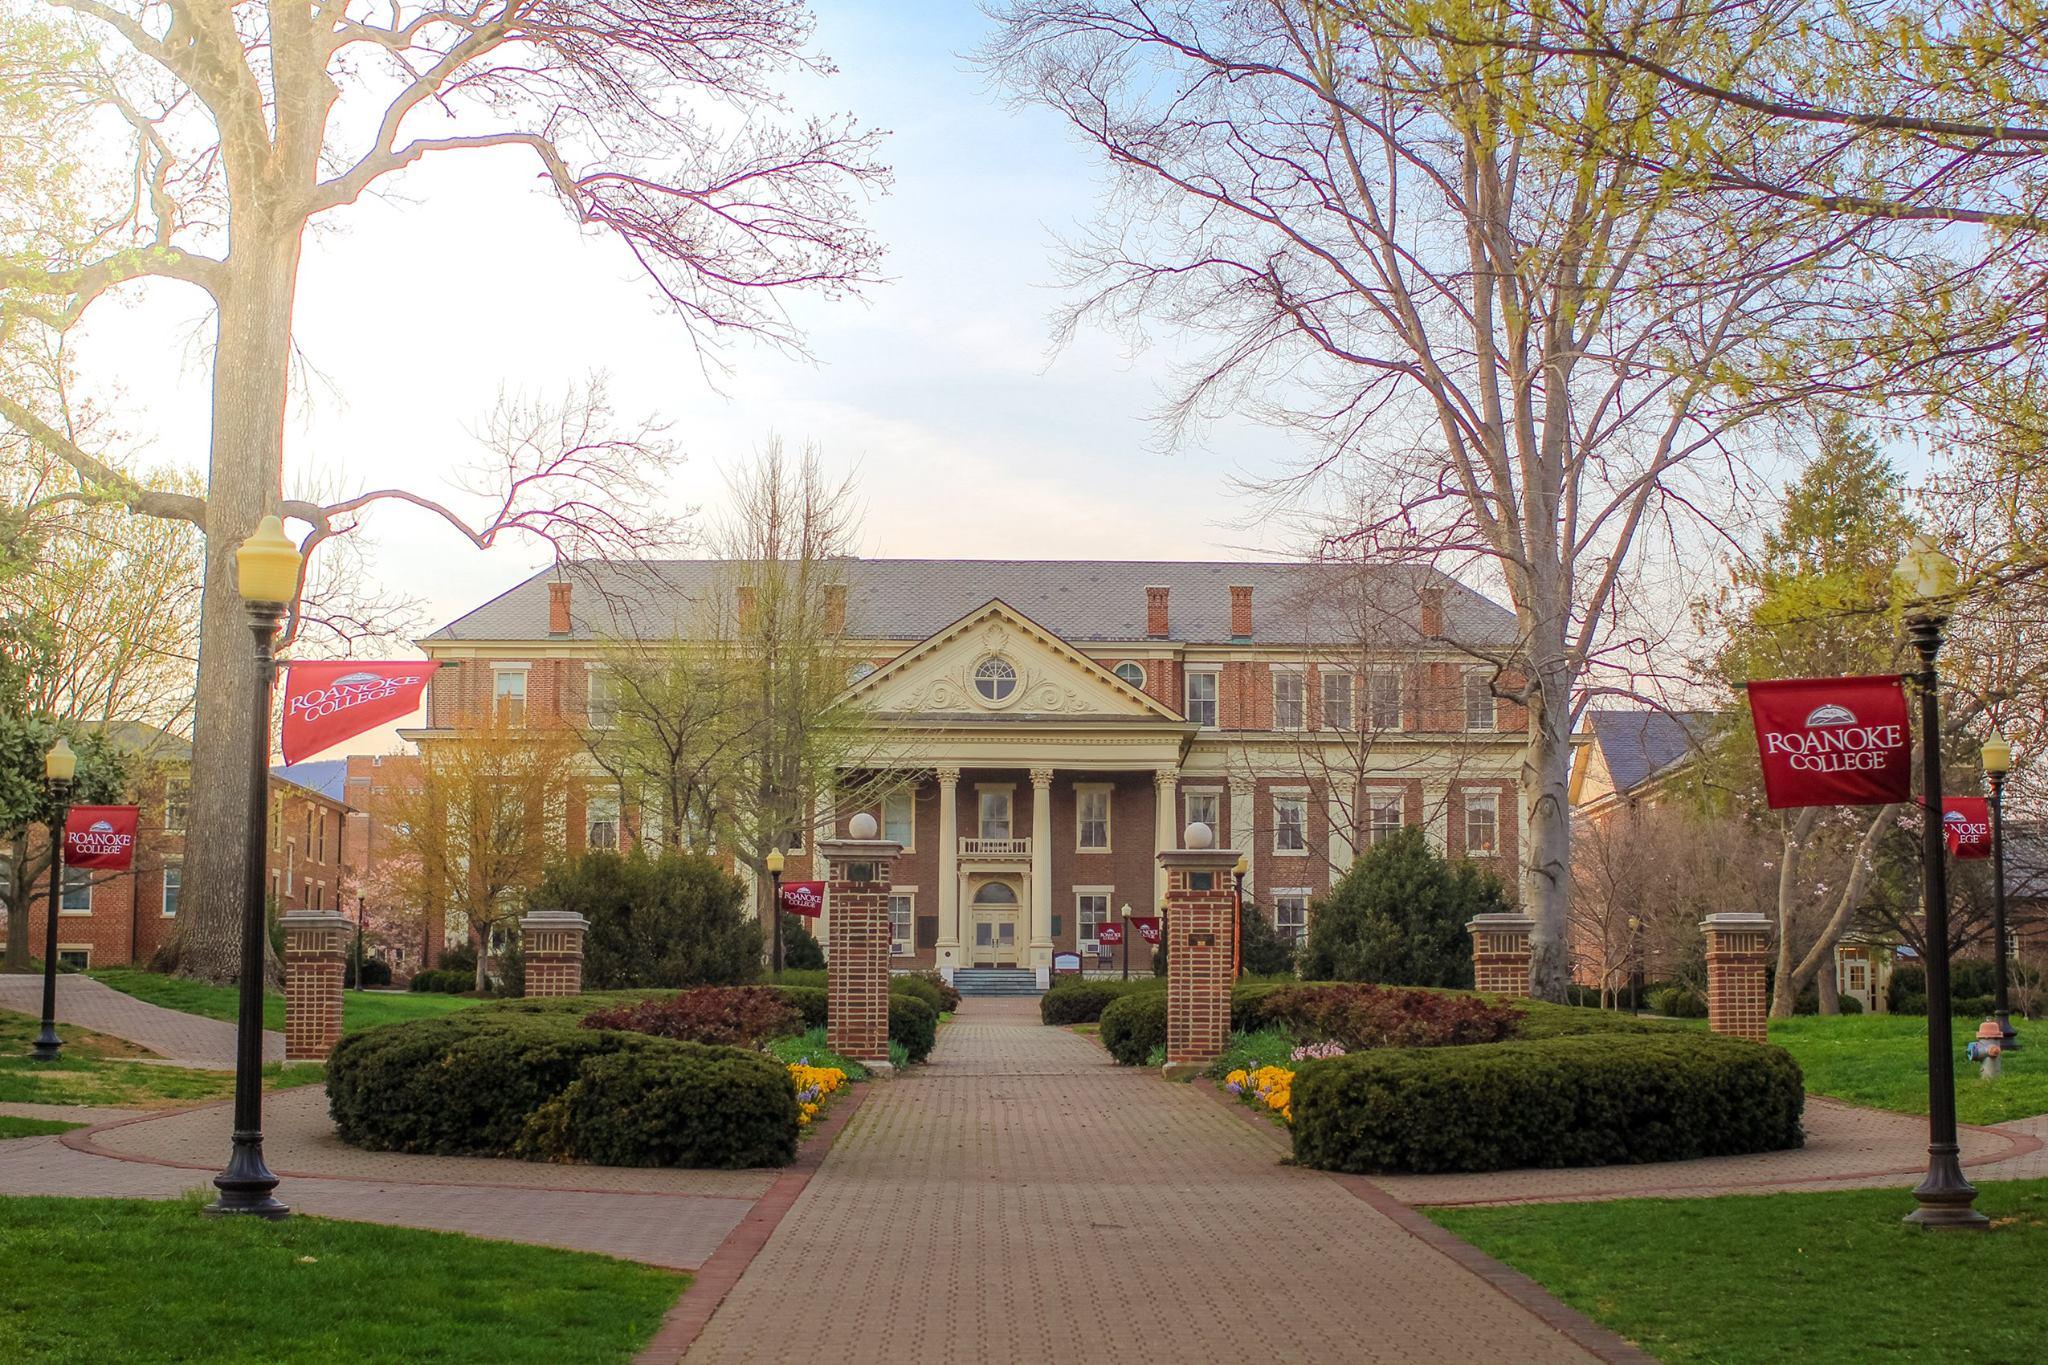 Roanoke College Campus